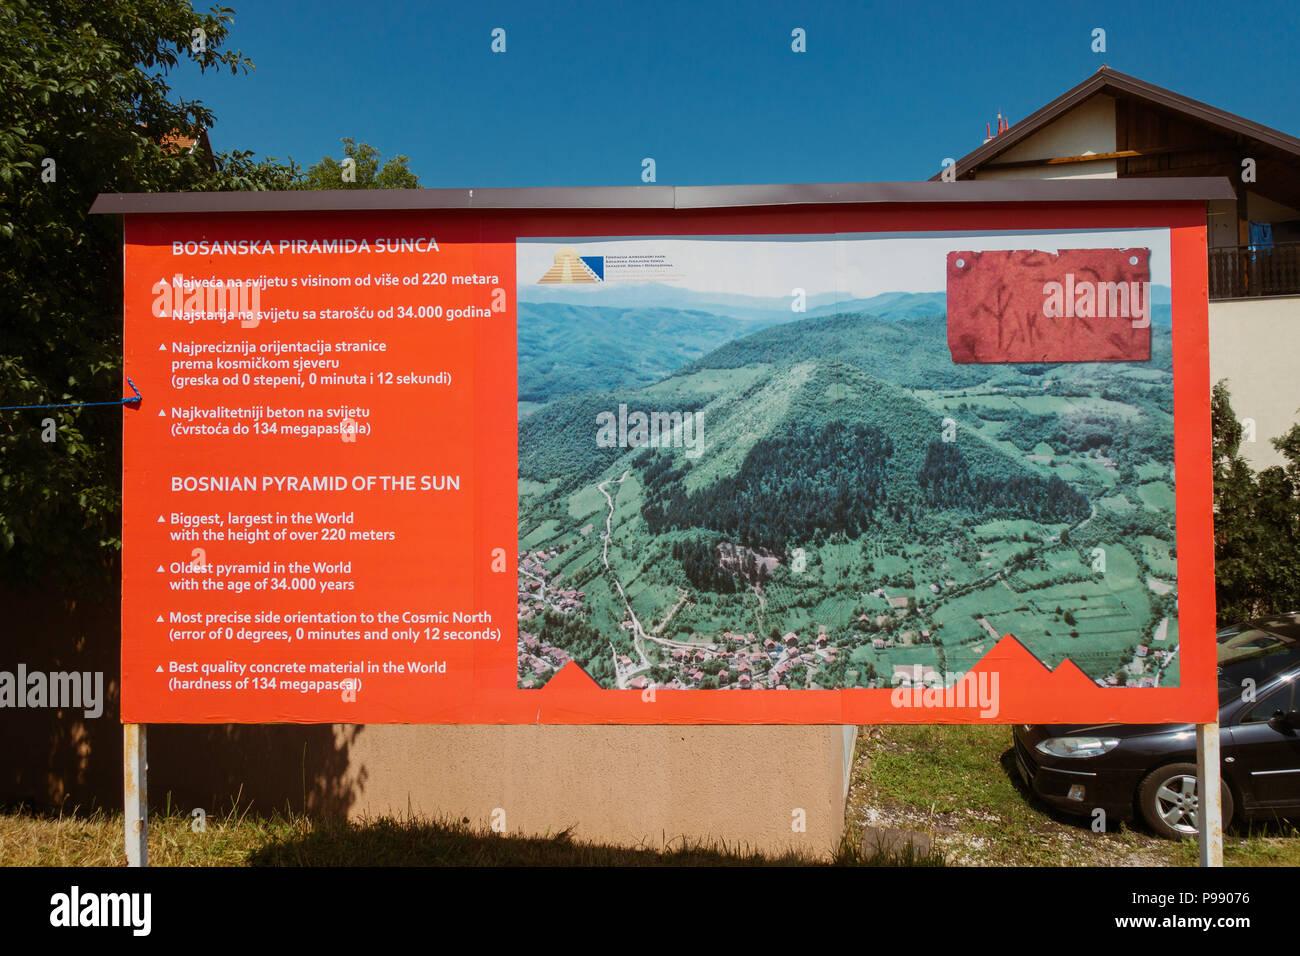 Un segnale di informazione all'ingresso della piramide bosniaca del Sole, ruotato dall'archeologia internazionale comunità come una beffa Immagini Stock